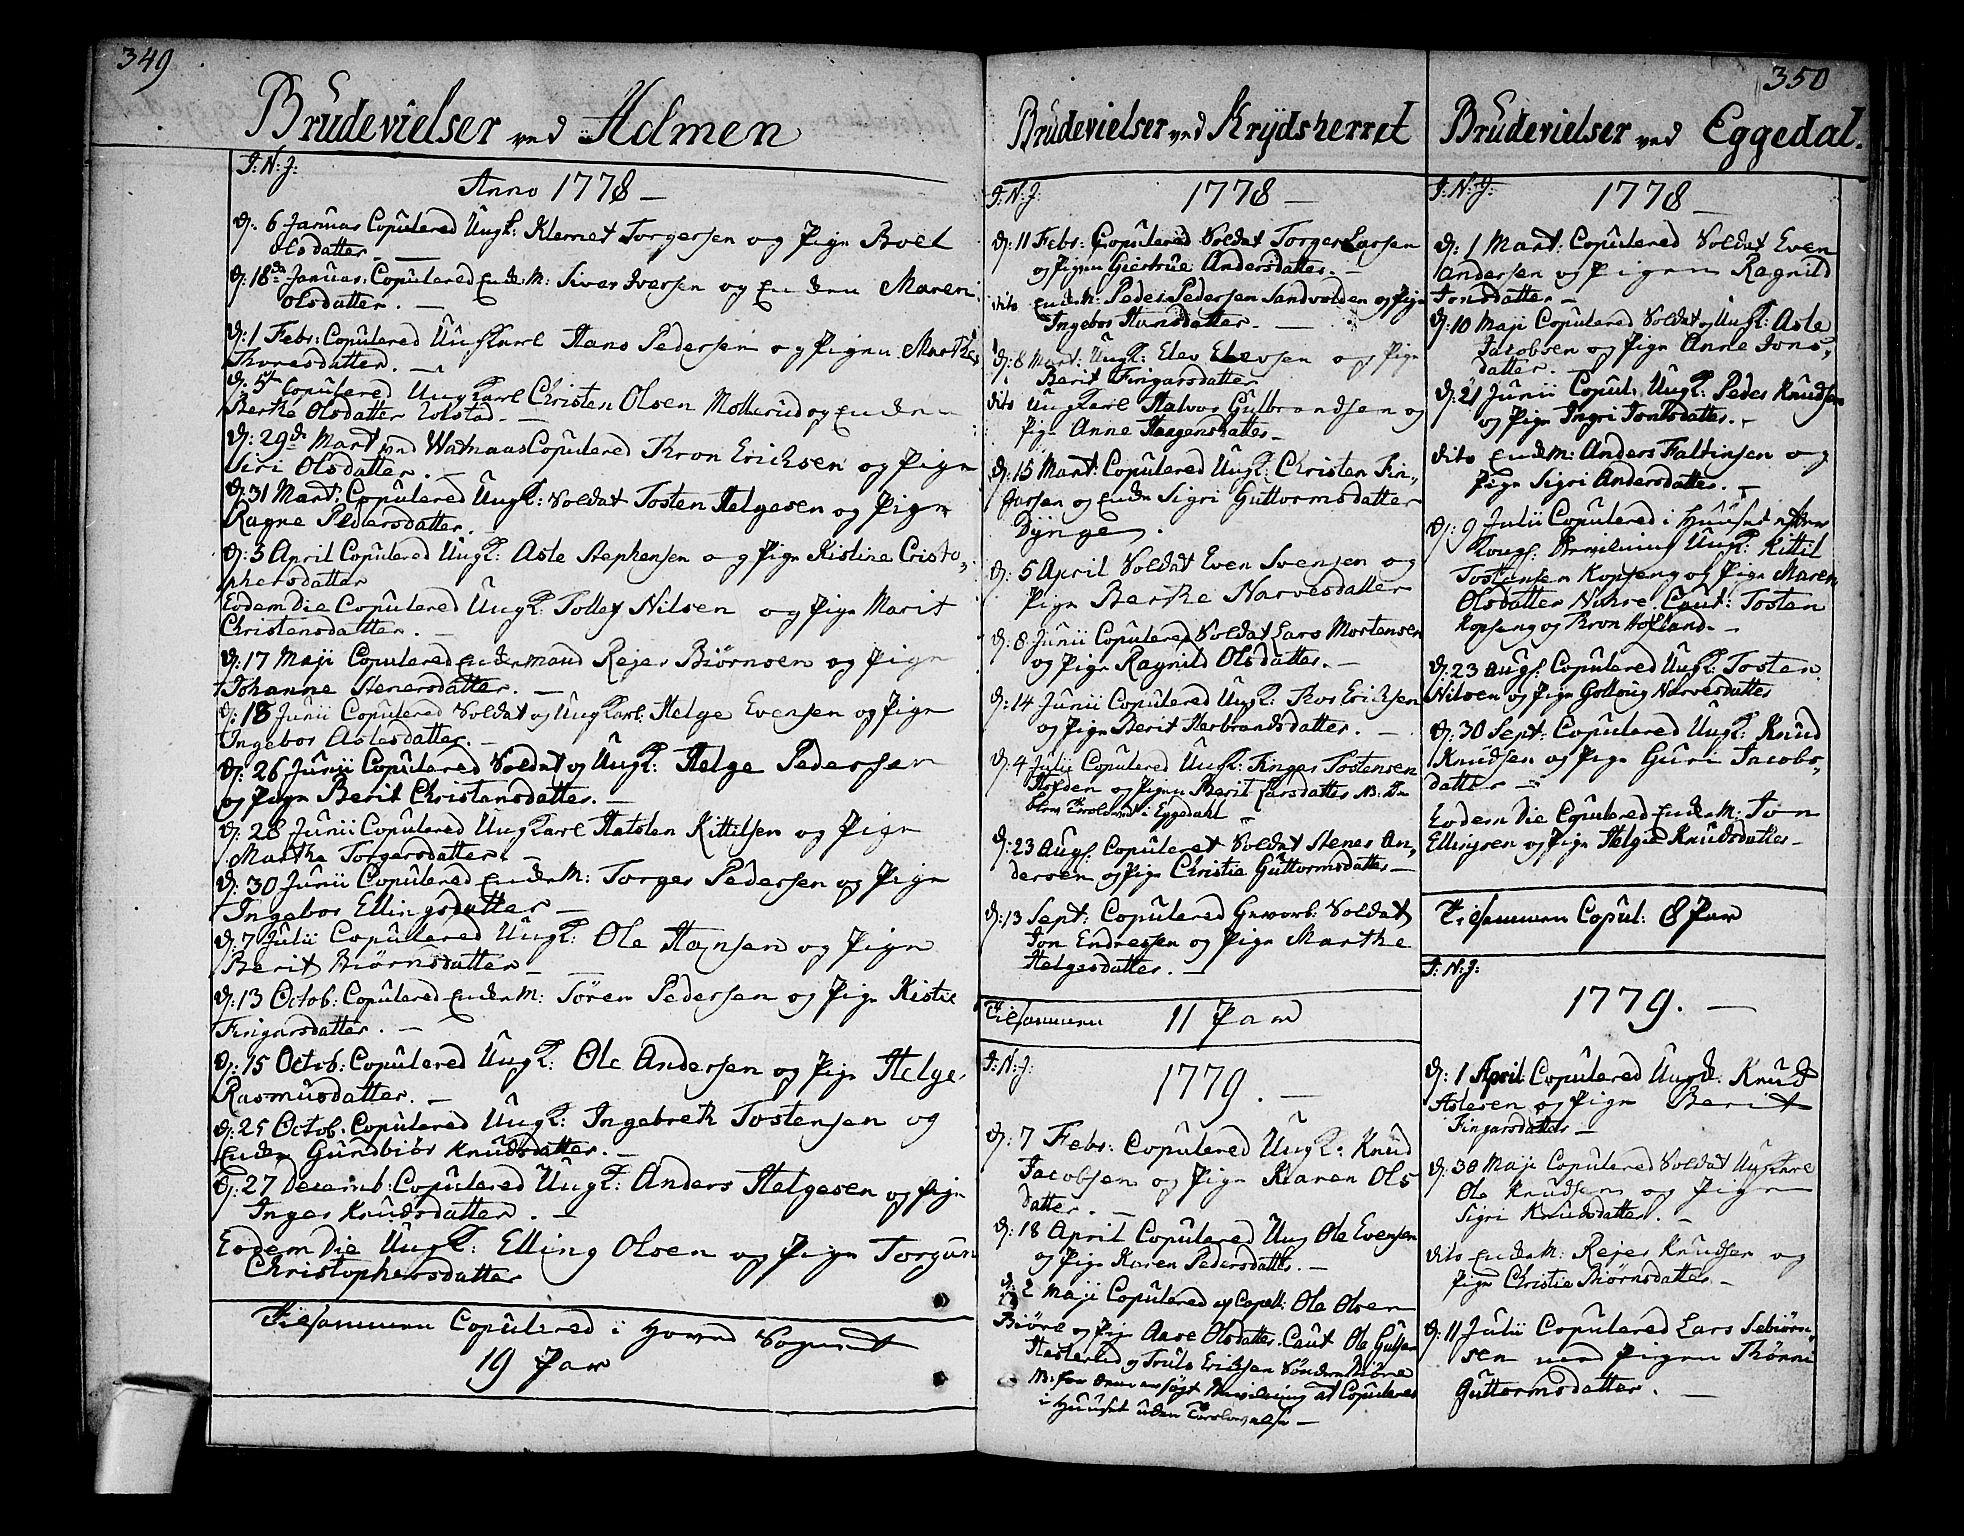 SAKO, Sigdal kirkebøker, F/Fa/L0002: Ministerialbok nr. I 2, 1778-1792, s. 349-350